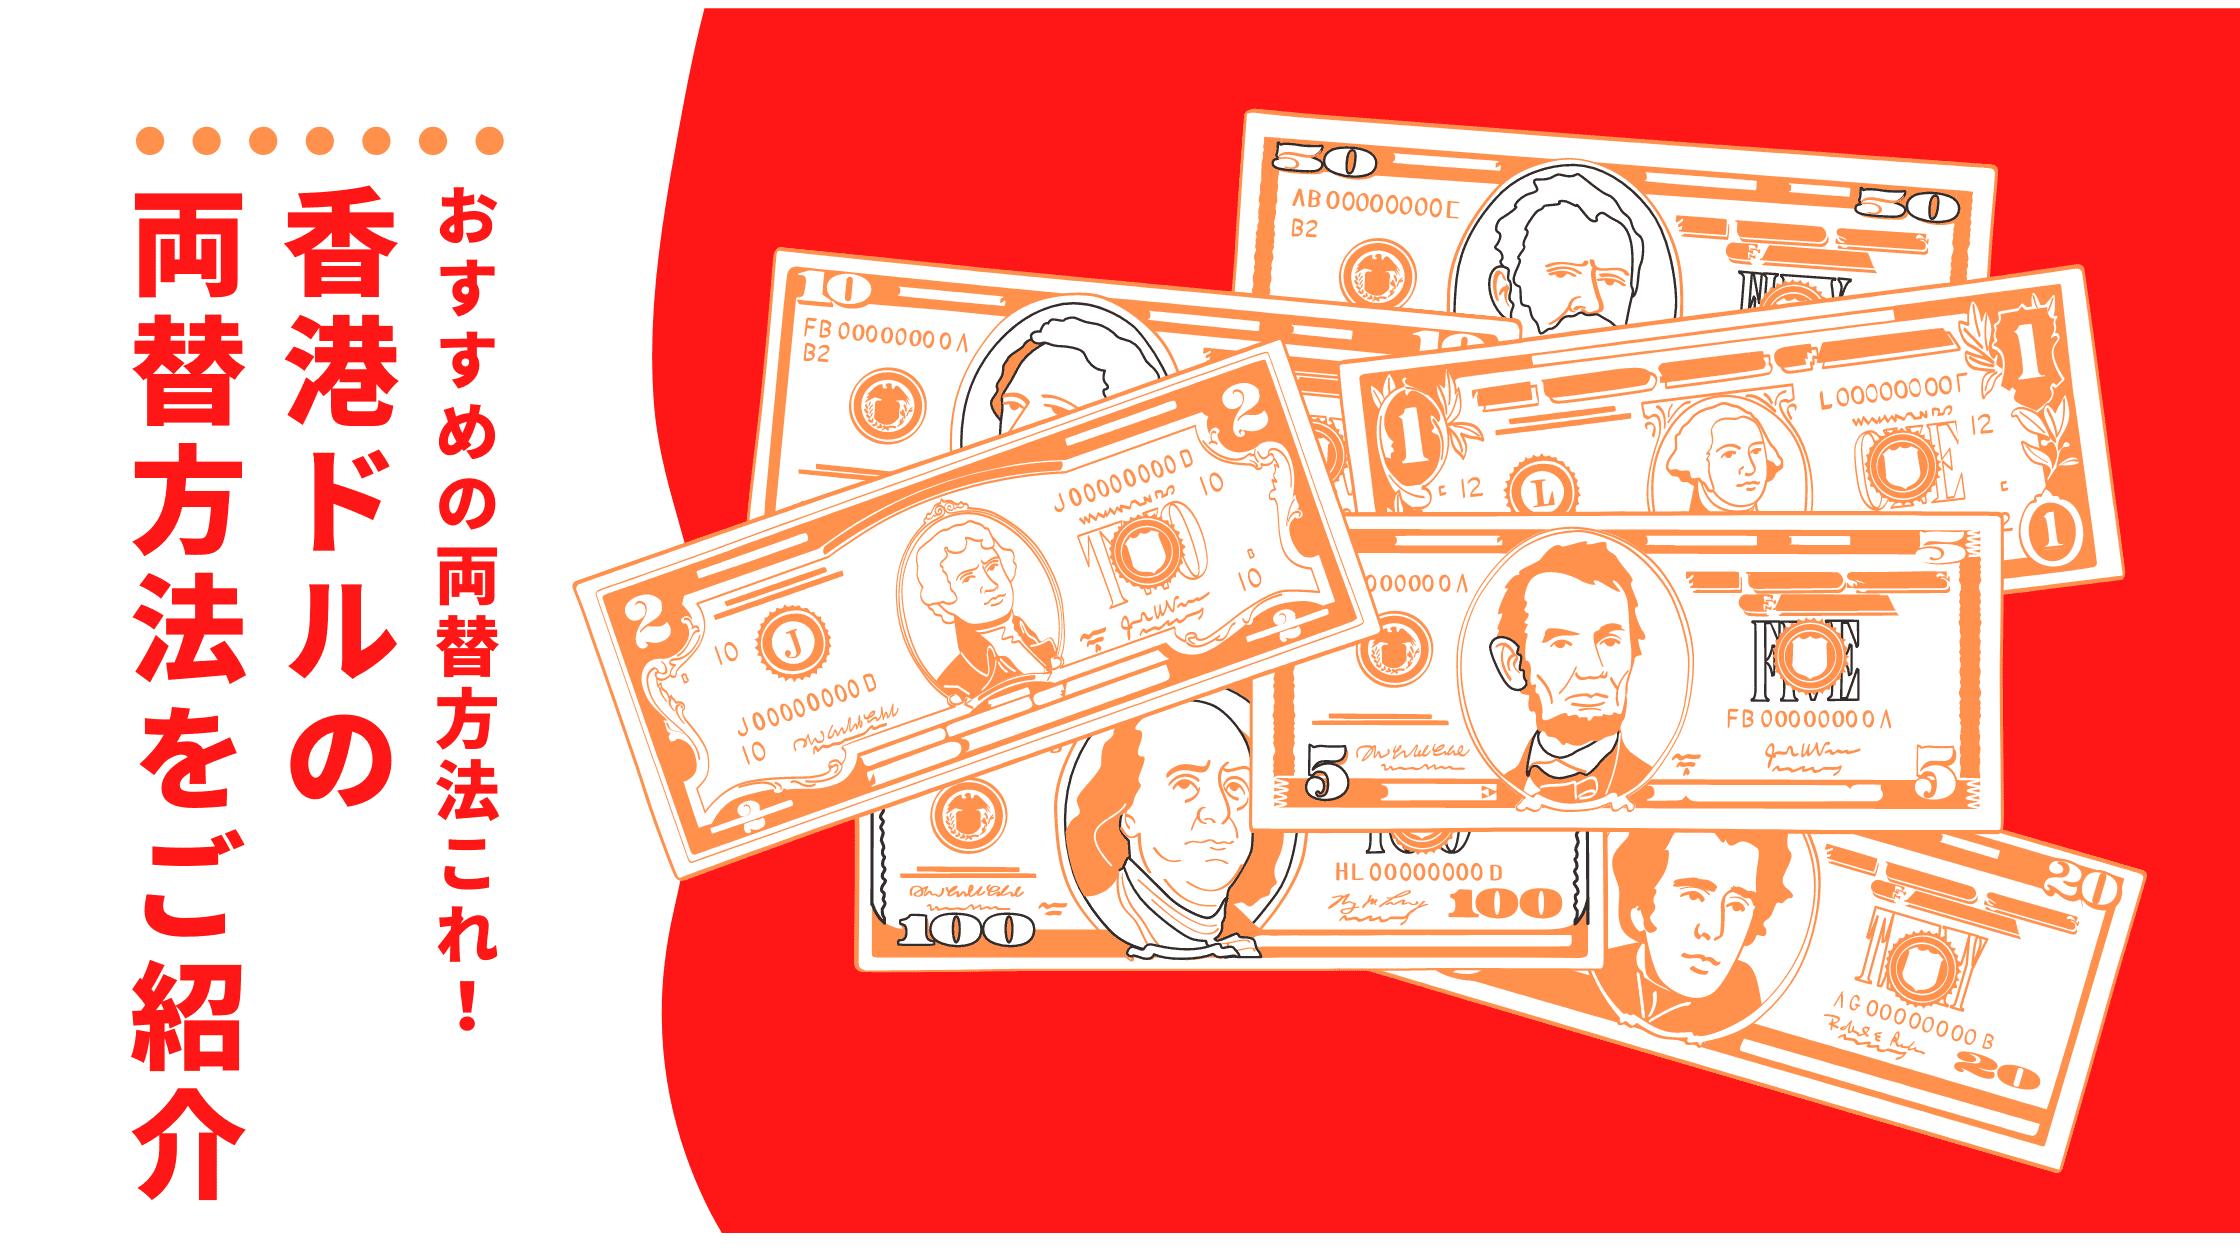 おすすめの両替方法はこれ!香港ドルの両替方法をご紹介